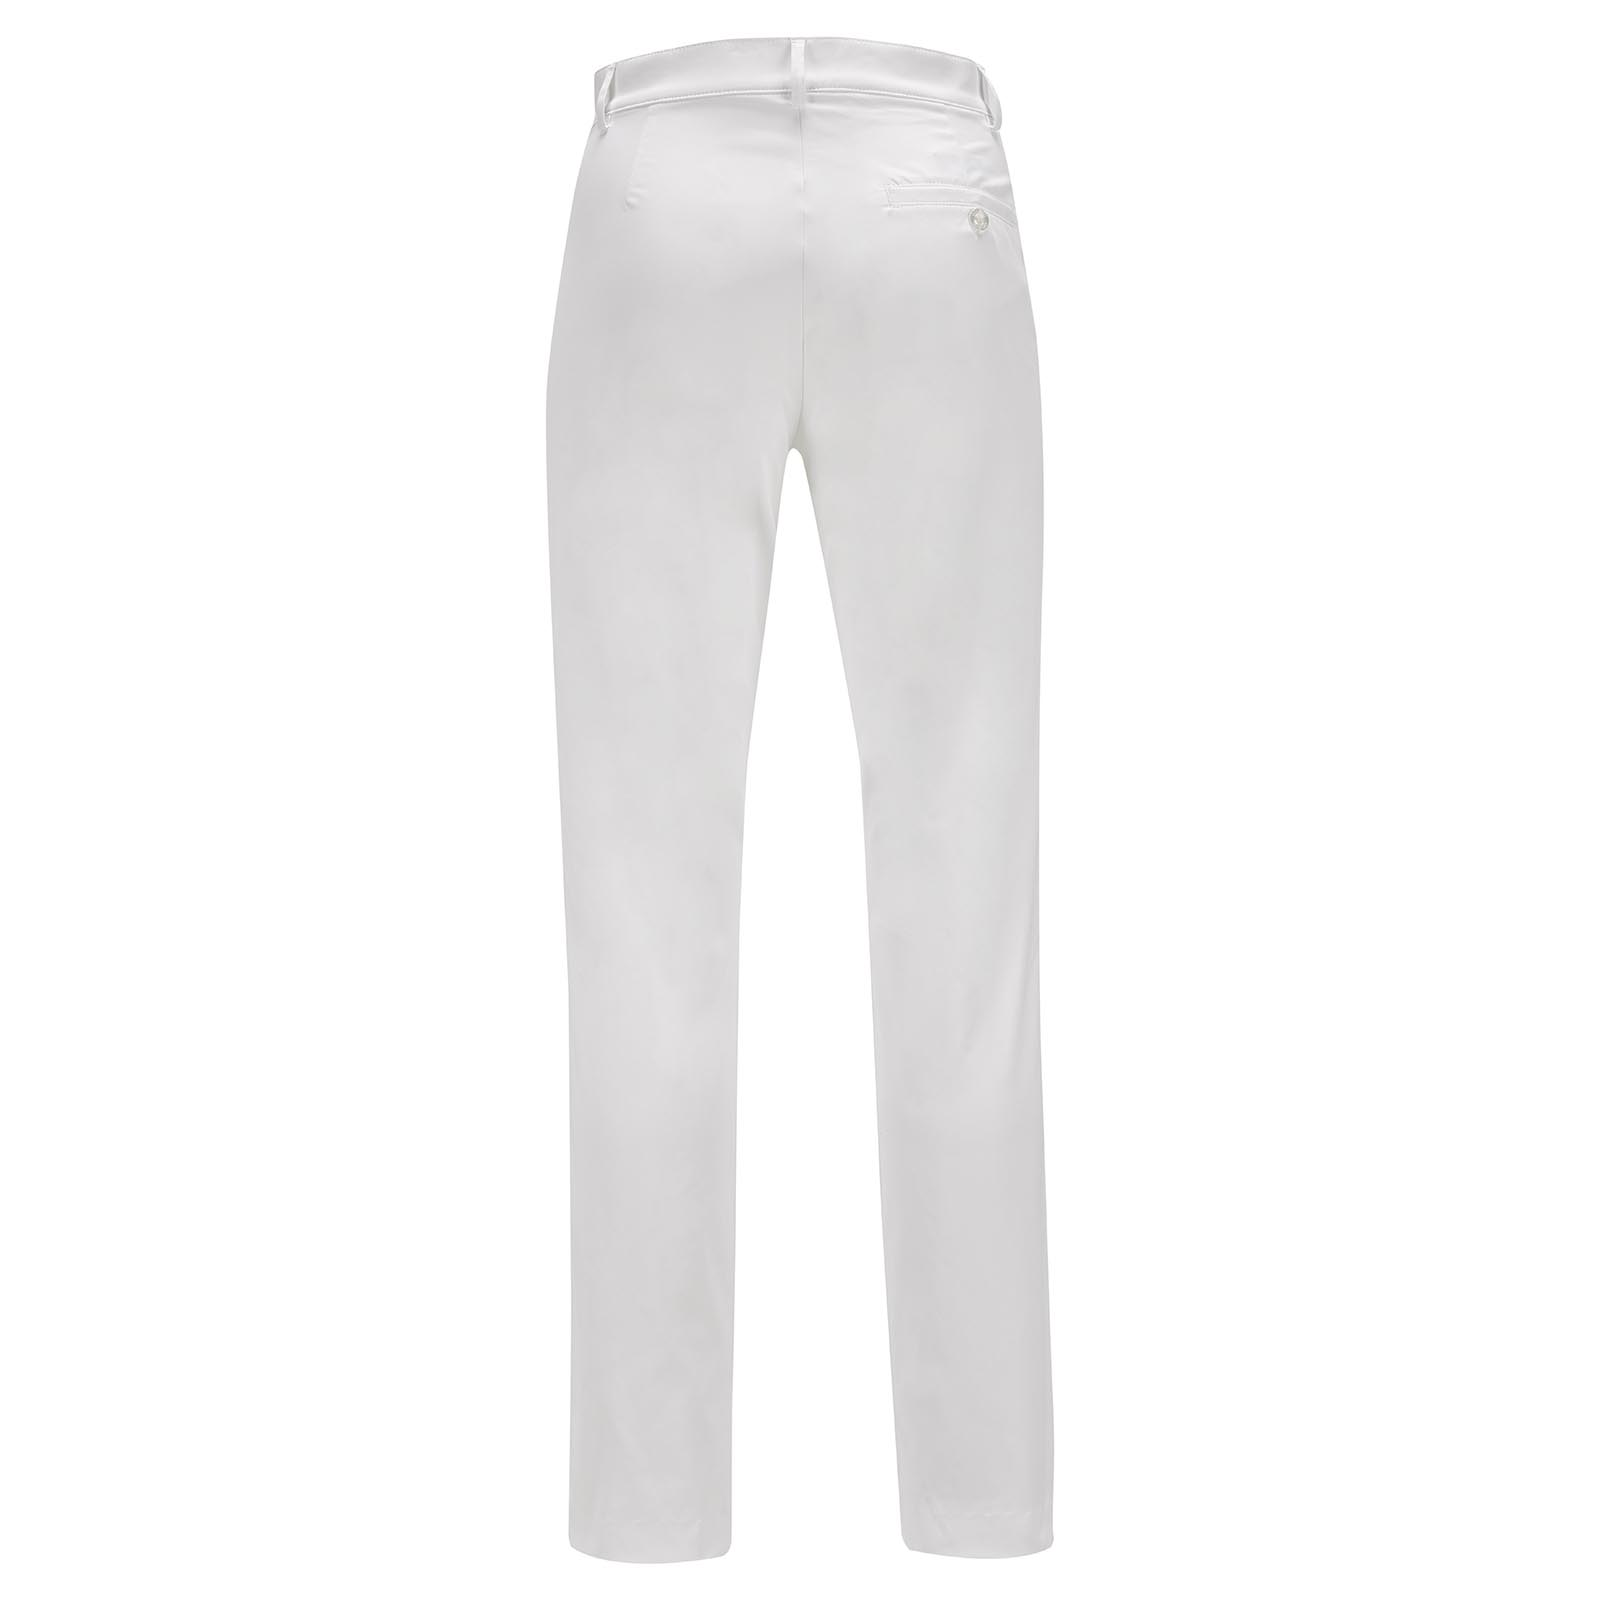 Damen 7/8-Hose aus Stretch-Material mit leichtem Glanz und Sonnenschutz